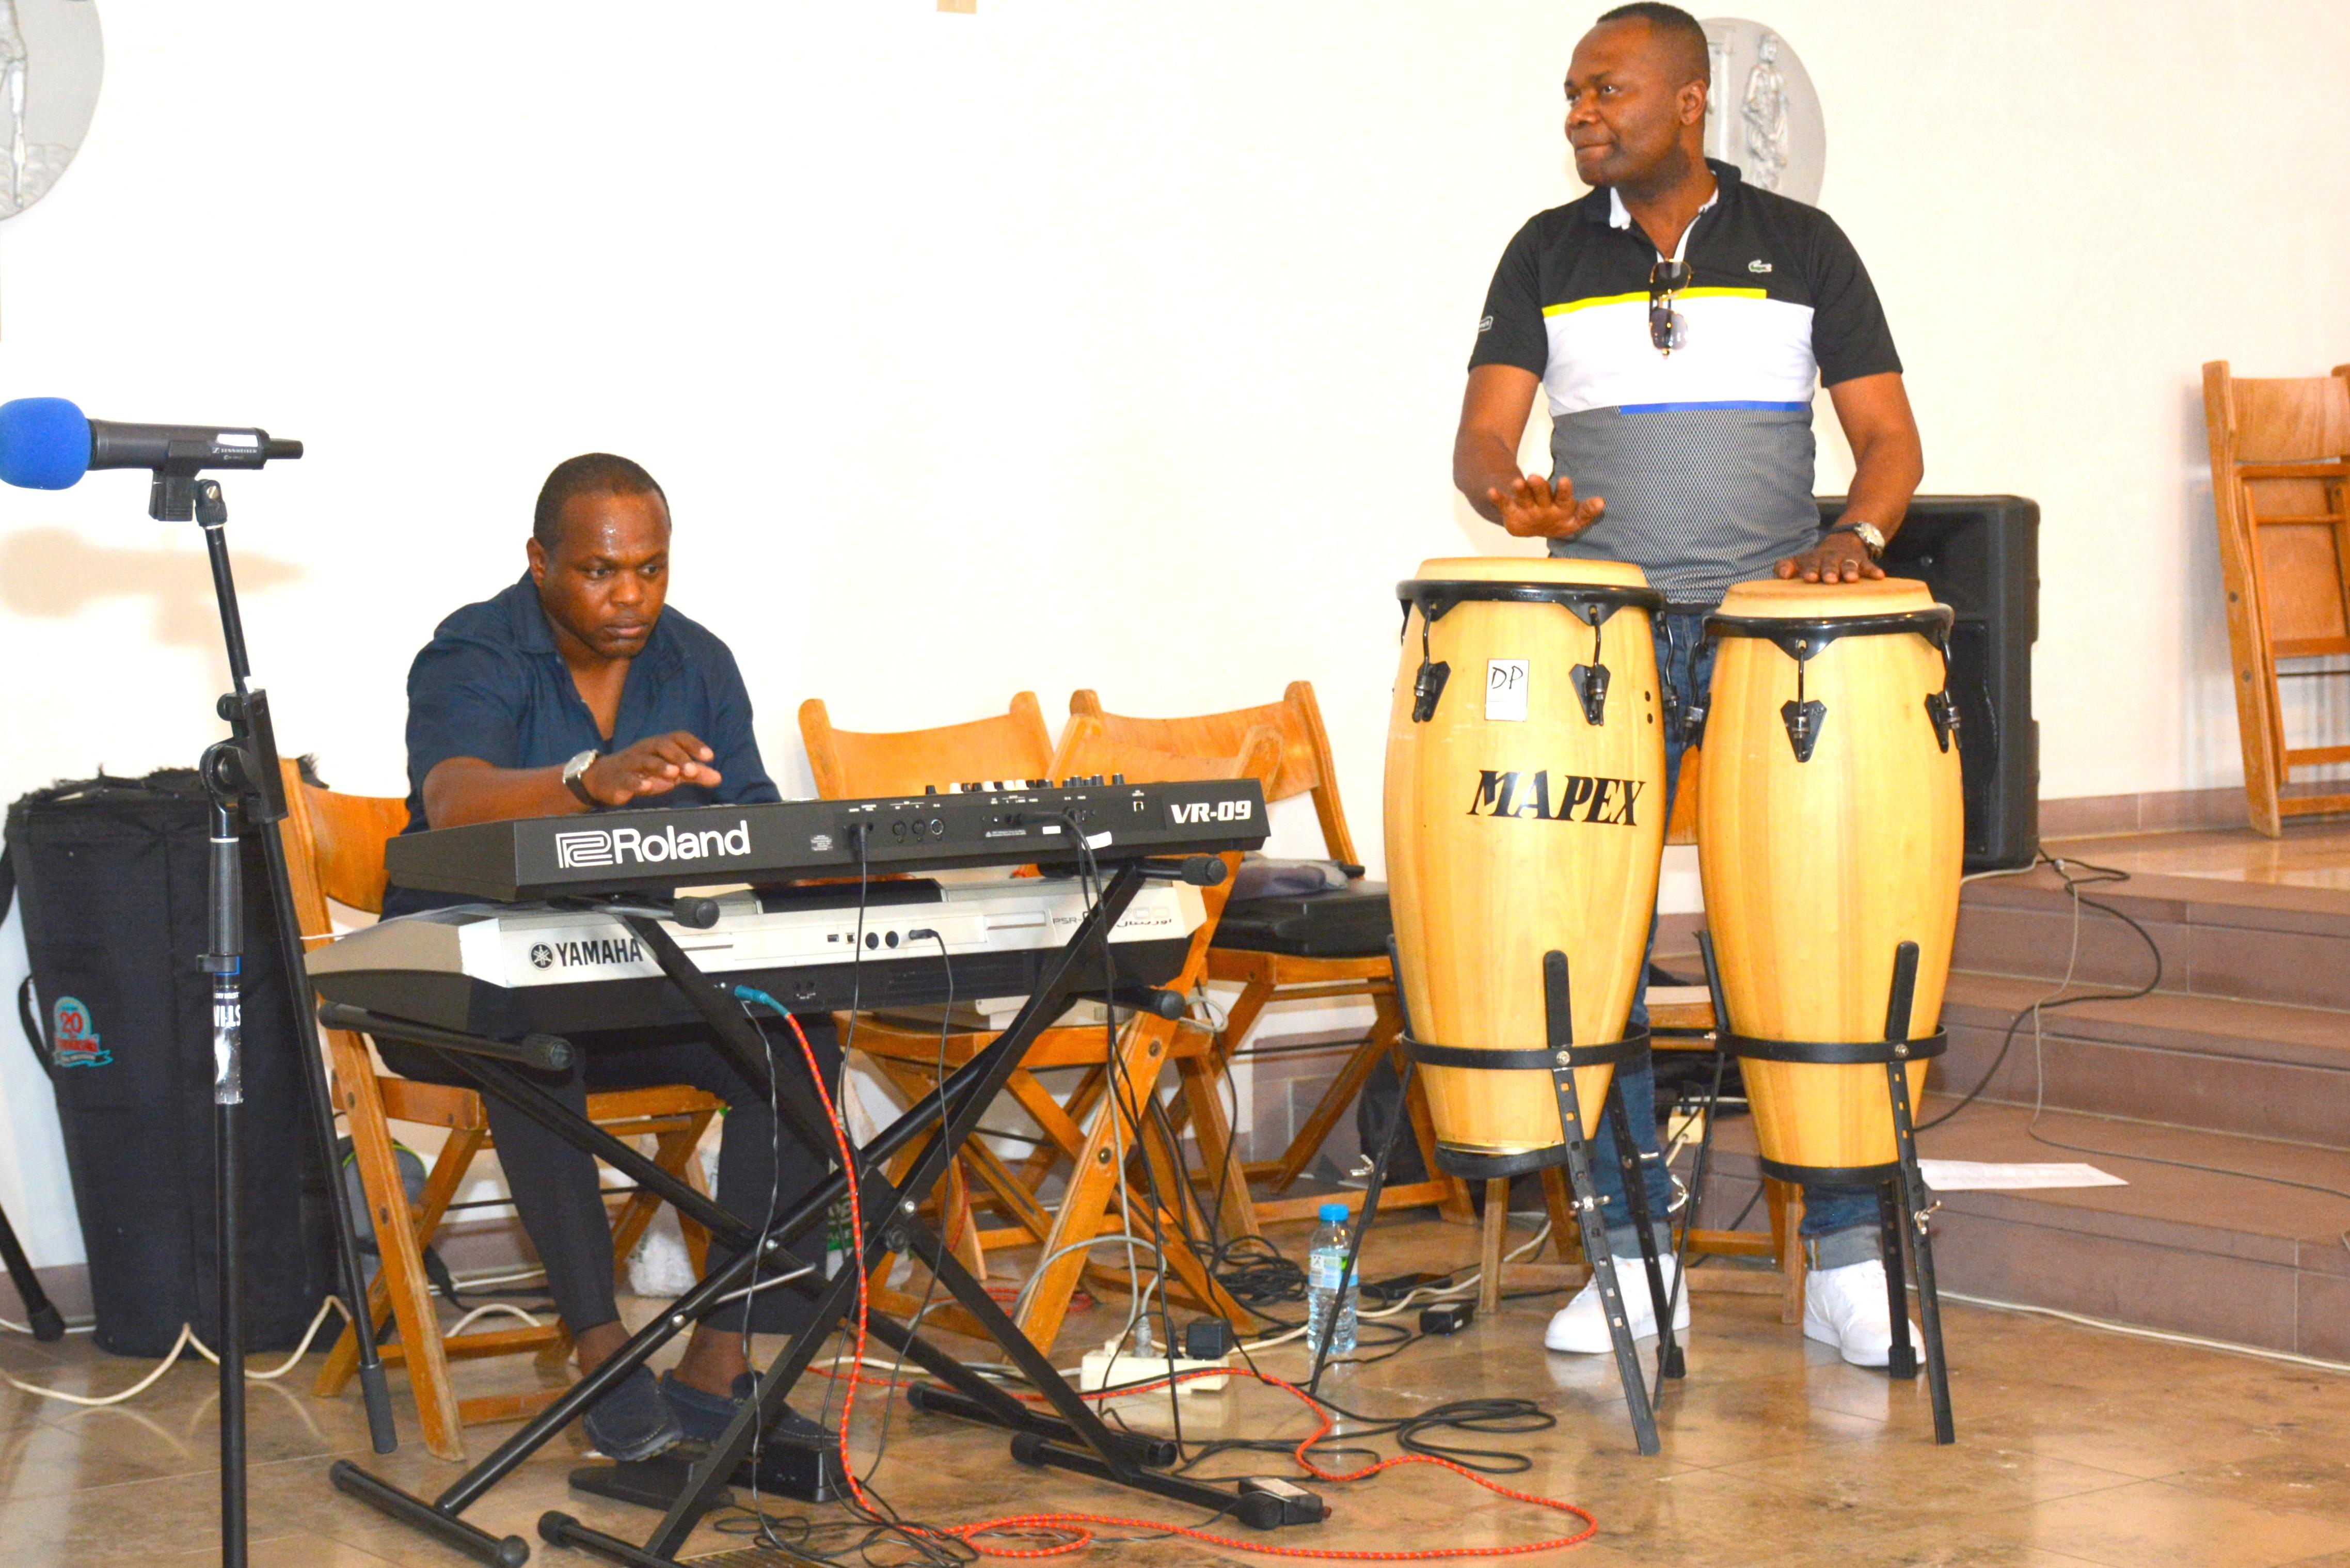 Afrikanische Messe Au am Rhein 2019-07-20 008